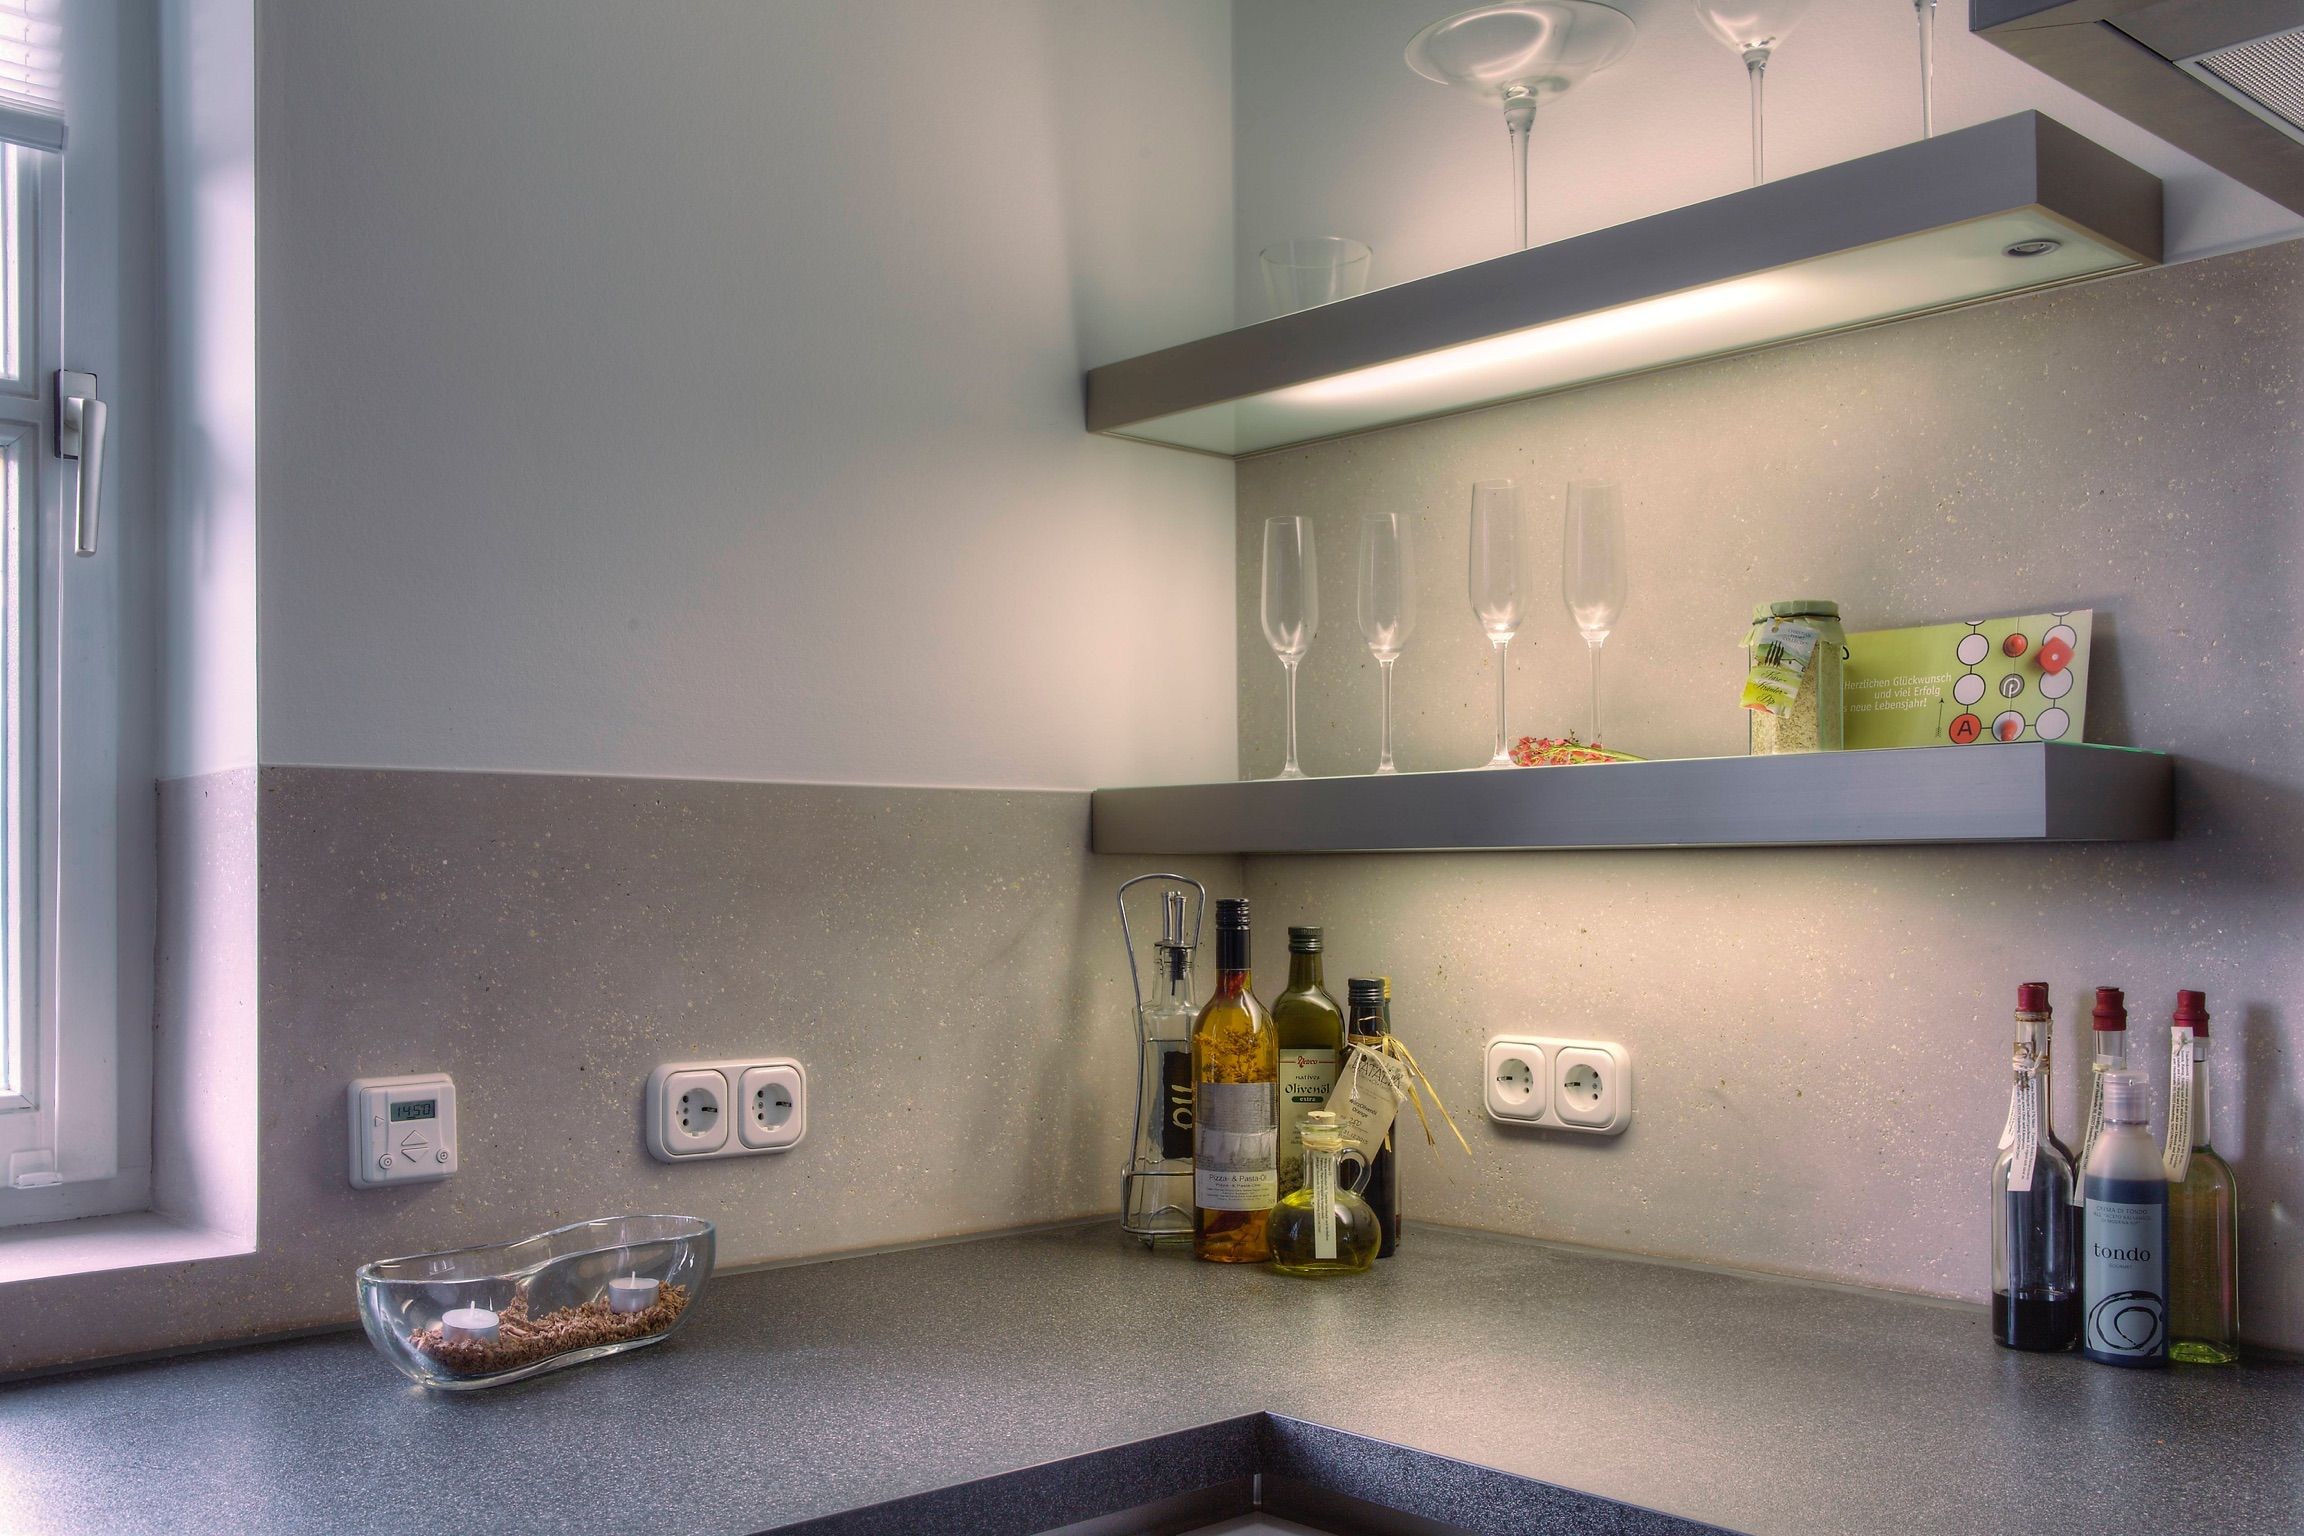 küche: rückwand hinter küchenarbeitsfläche mit terra stone ... - Rückwand Für Küche